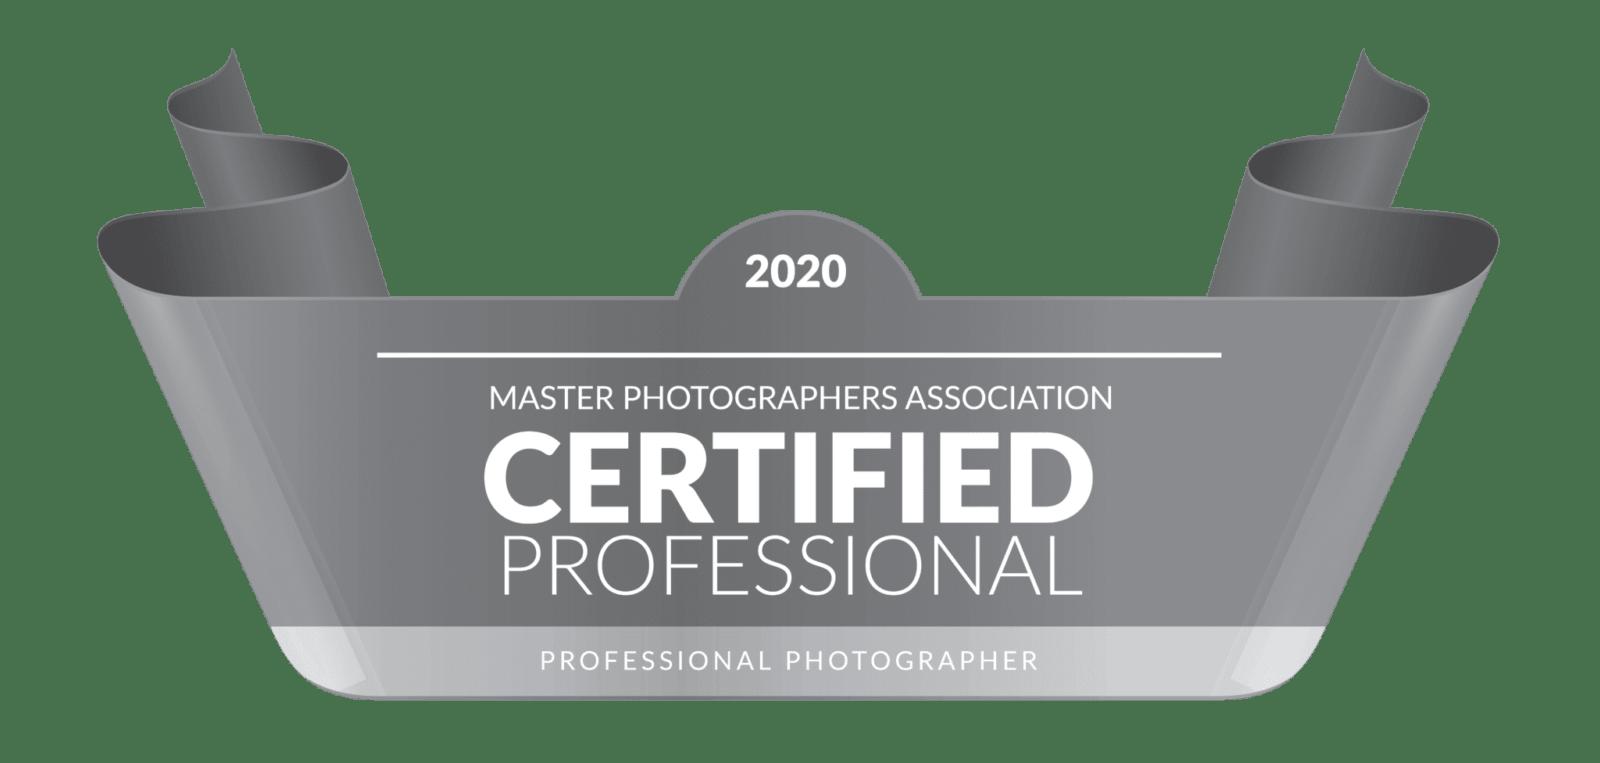 MPA professional